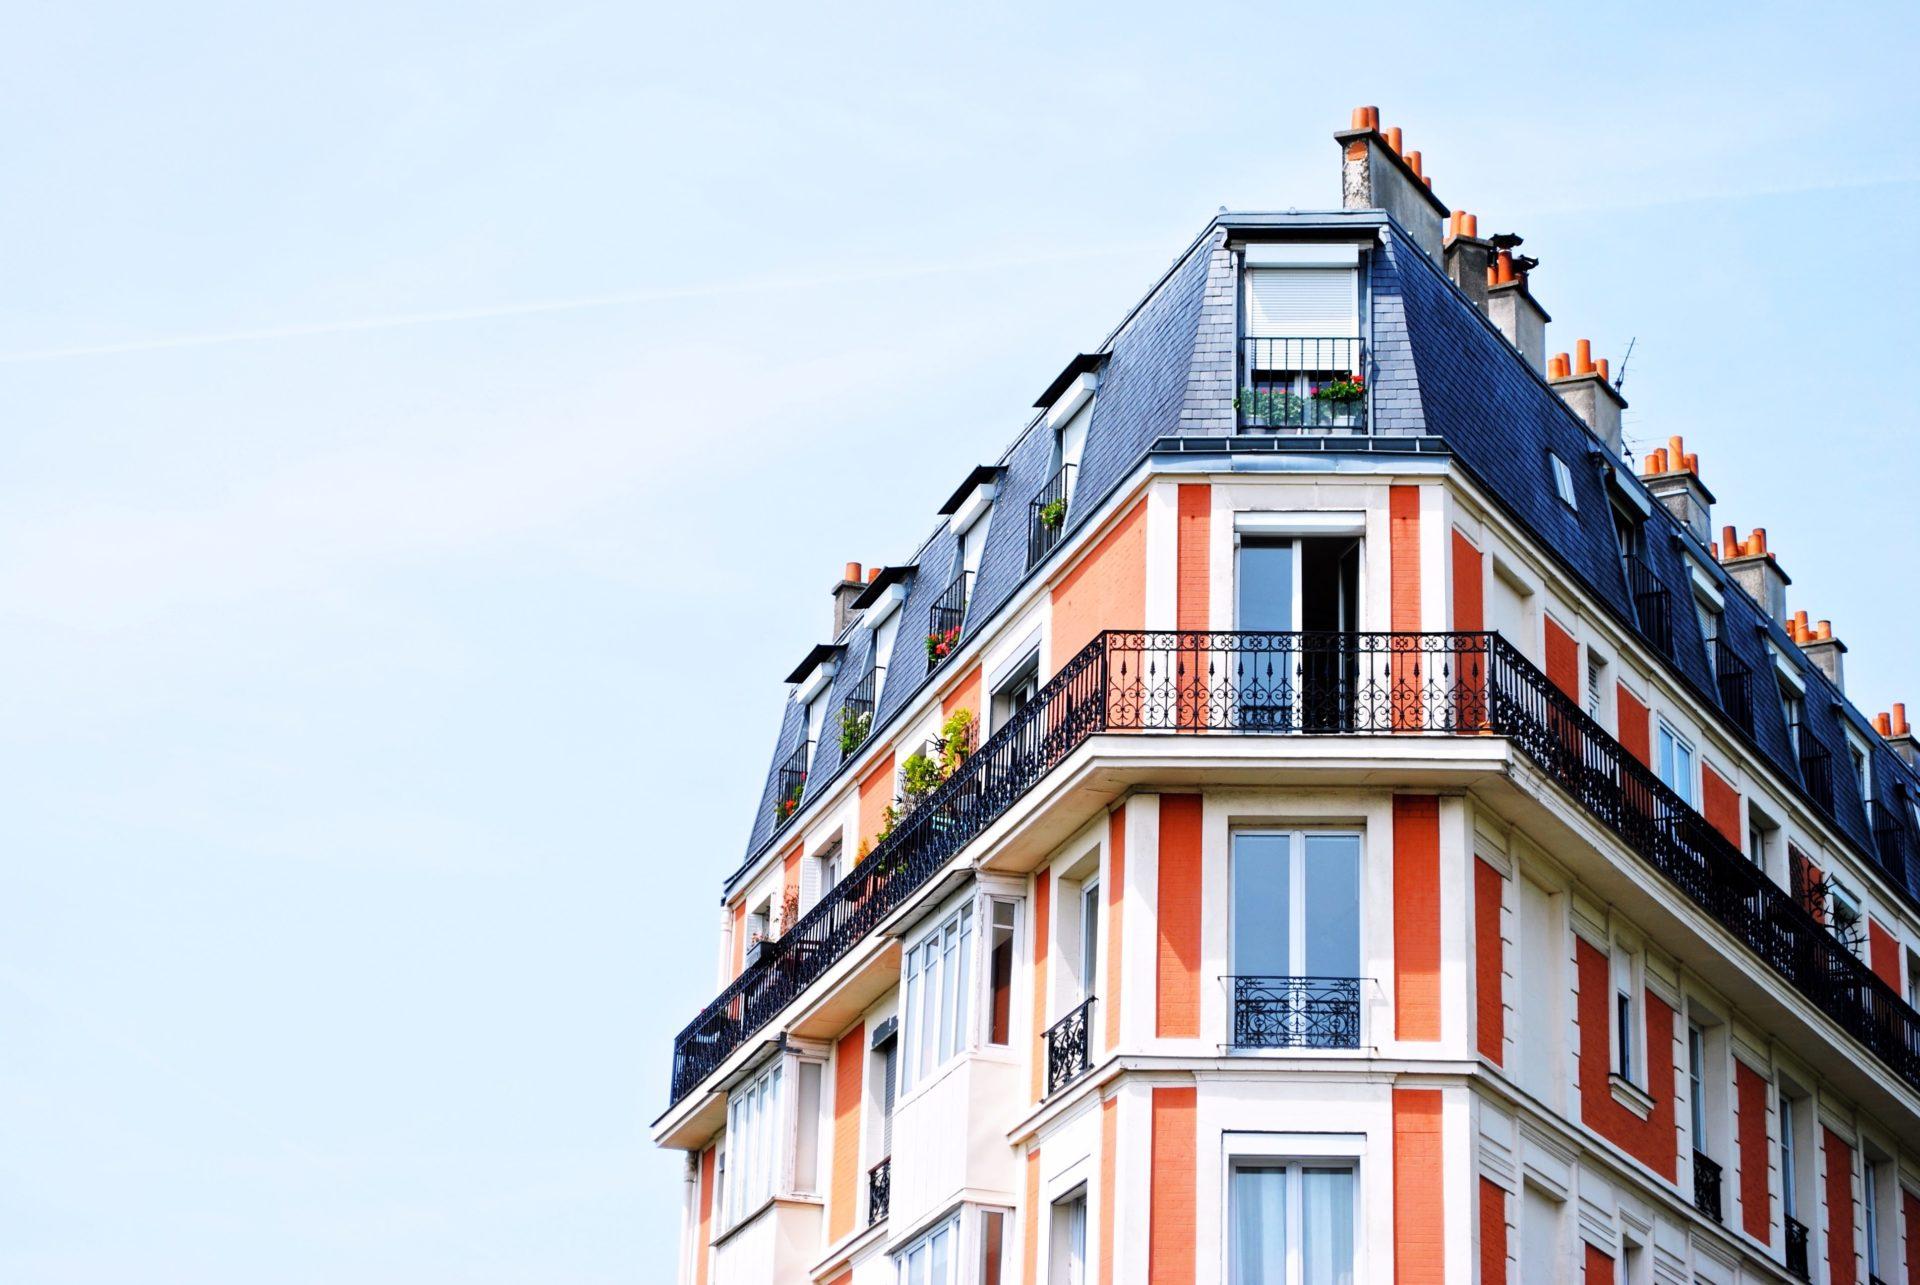 casa-vivienda-hogar-calle-edificio-recurso-BBVA-